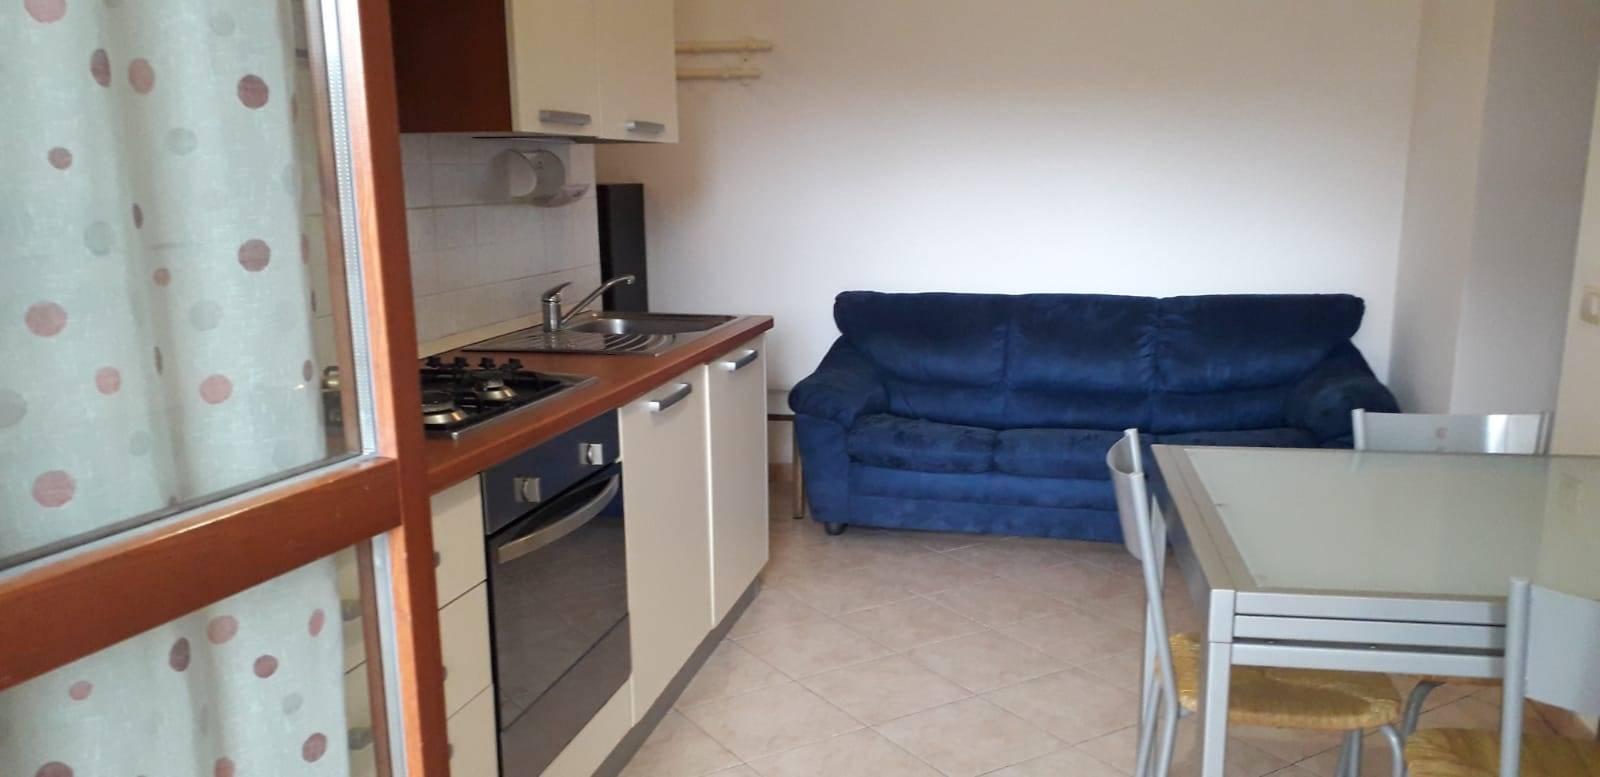 In zona Saione, in palazzo di recente costruzione, appartamento composto da disimpegno, angolo cottura/soggiorno, camera matrimoniale, bagno e